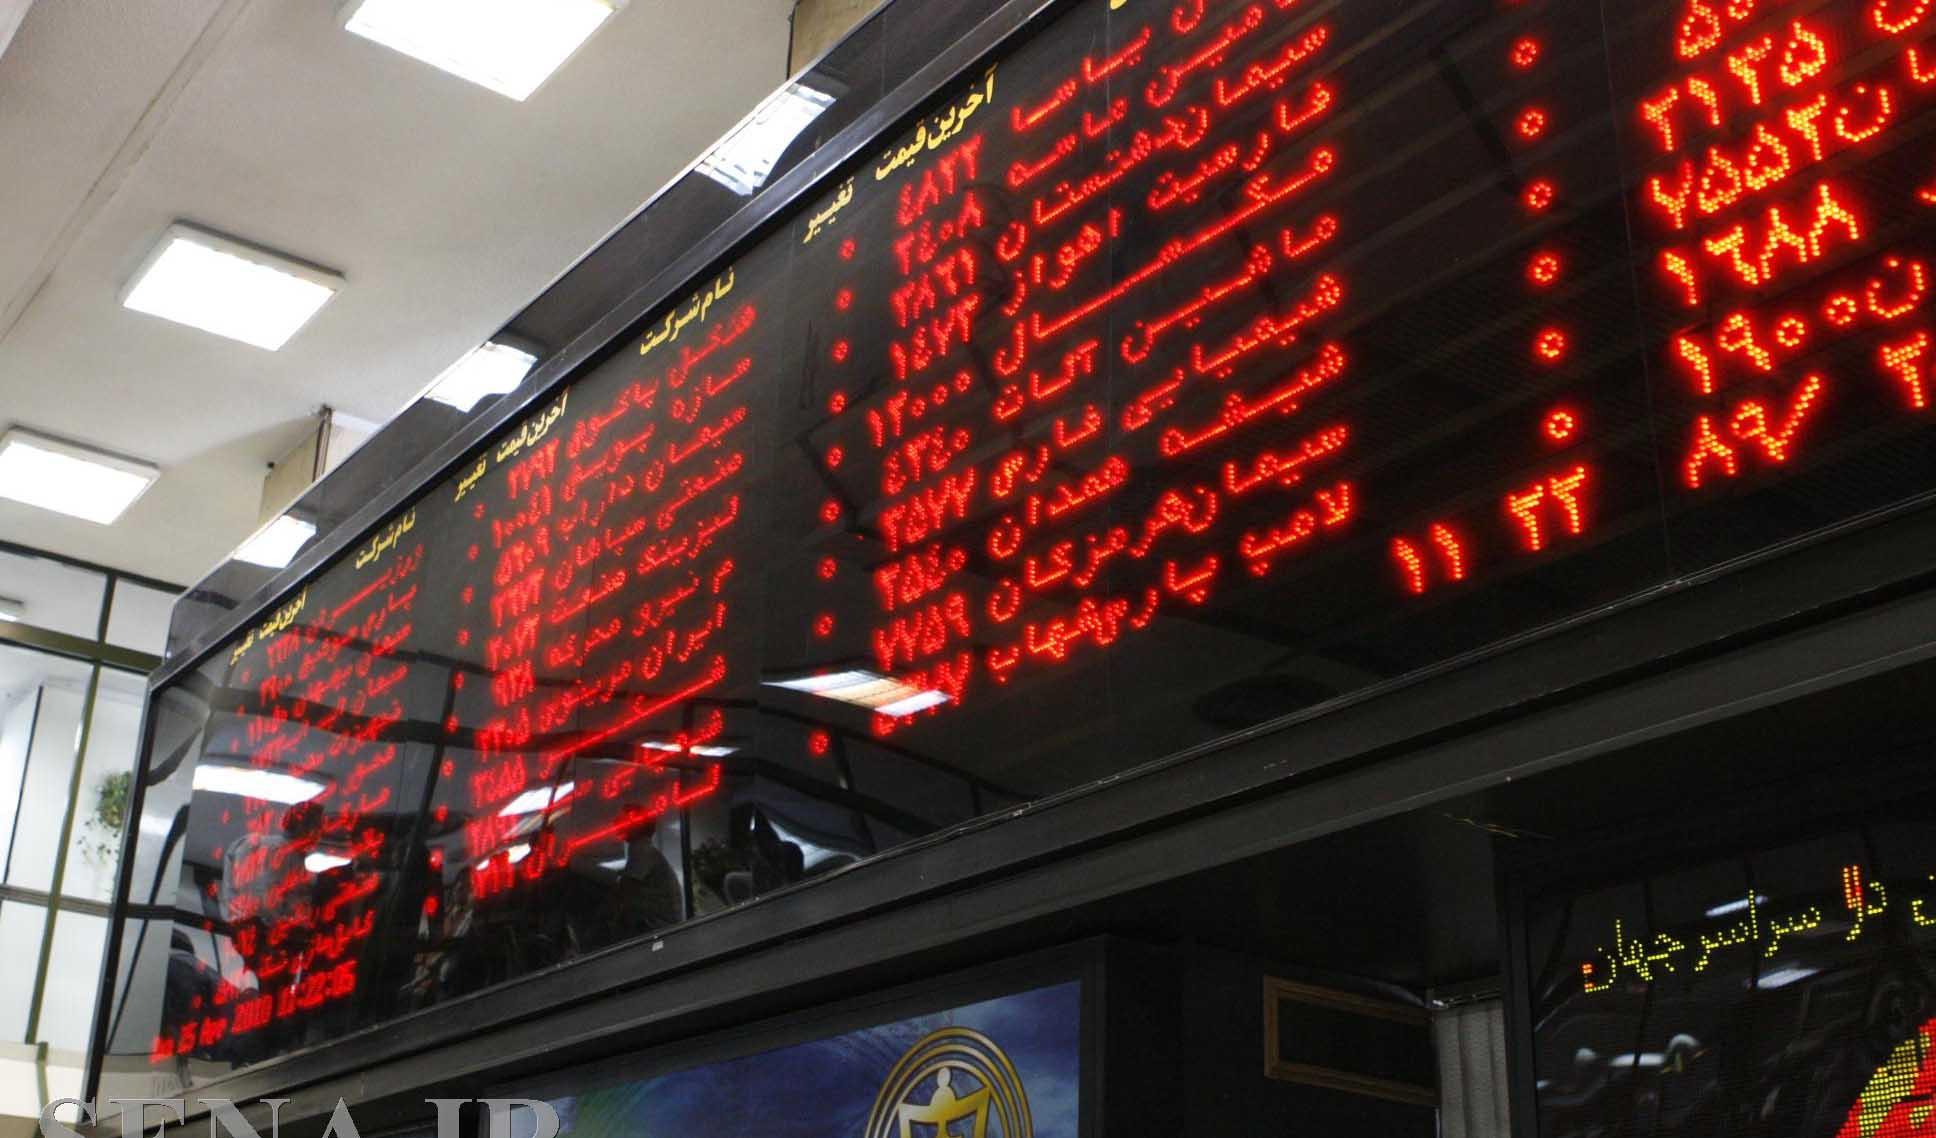 زمان معاملات بورس از امروز به روال قبل برگشت/ انجام معاملات پیوسته از ۹ صبح تا ۱۲:۳۰